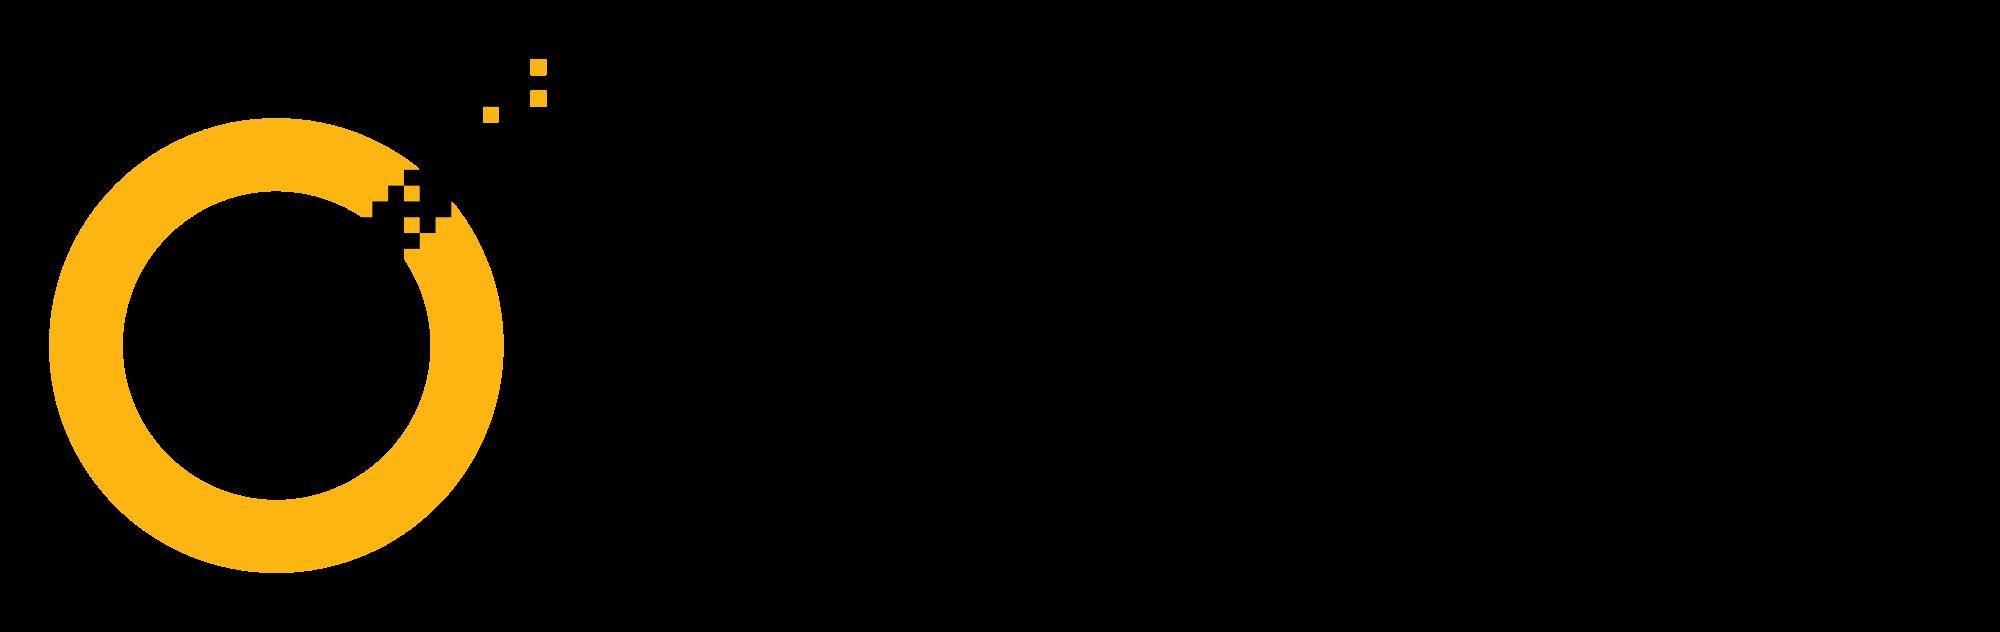 Symantec_logo.png